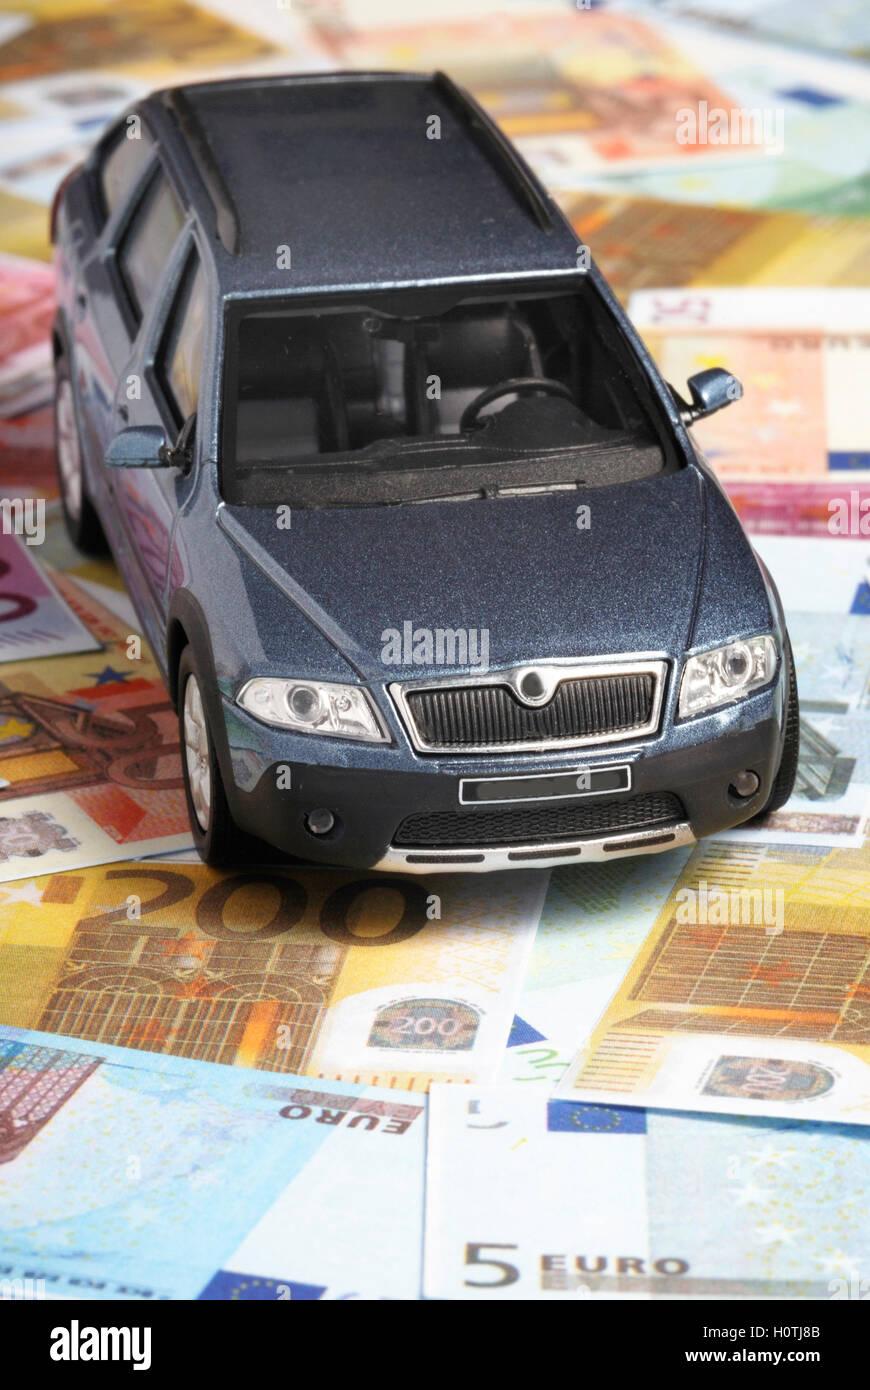 Comprar un automóvil nuevo, concepto Imagen De Stock